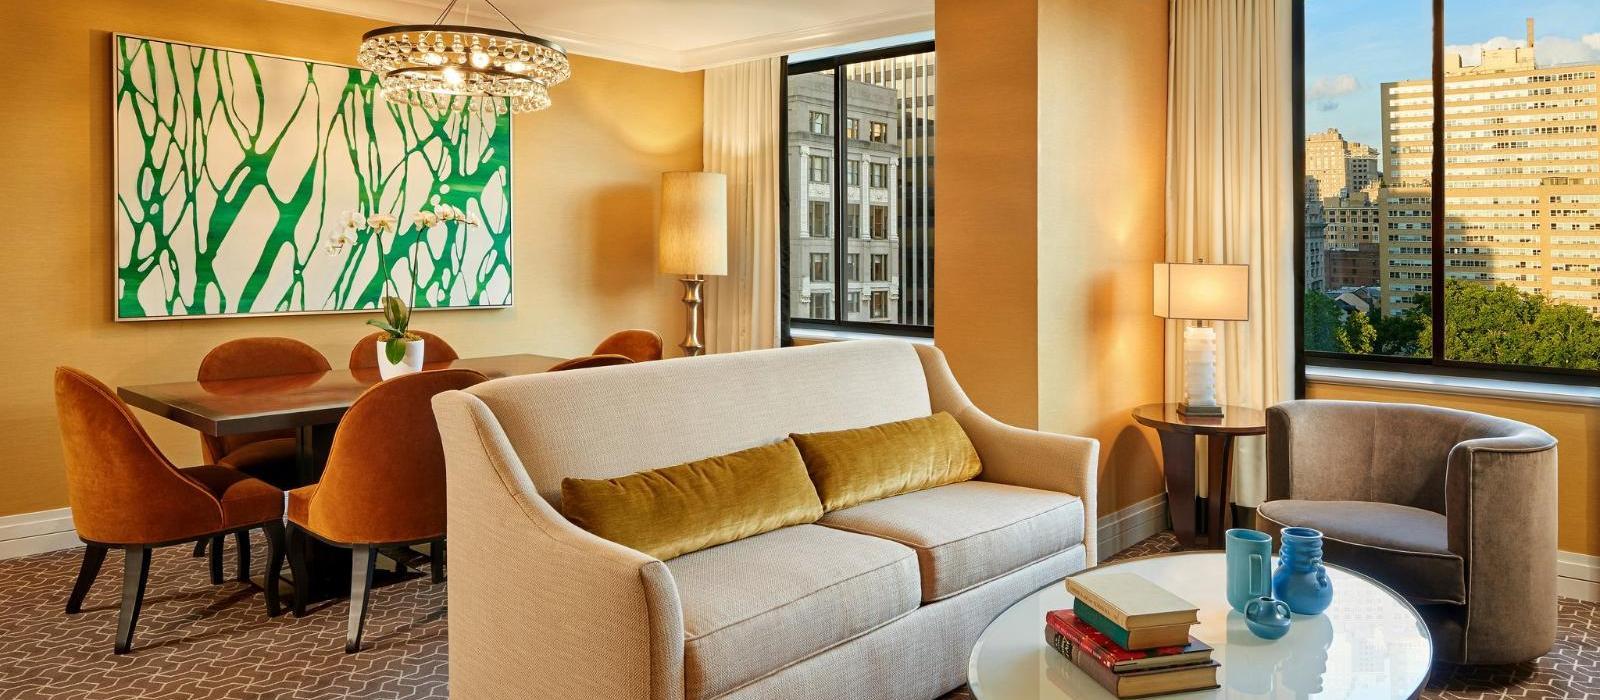 里滕豪斯酒店(The Rittenhouse) 图片  www.lhw.cn